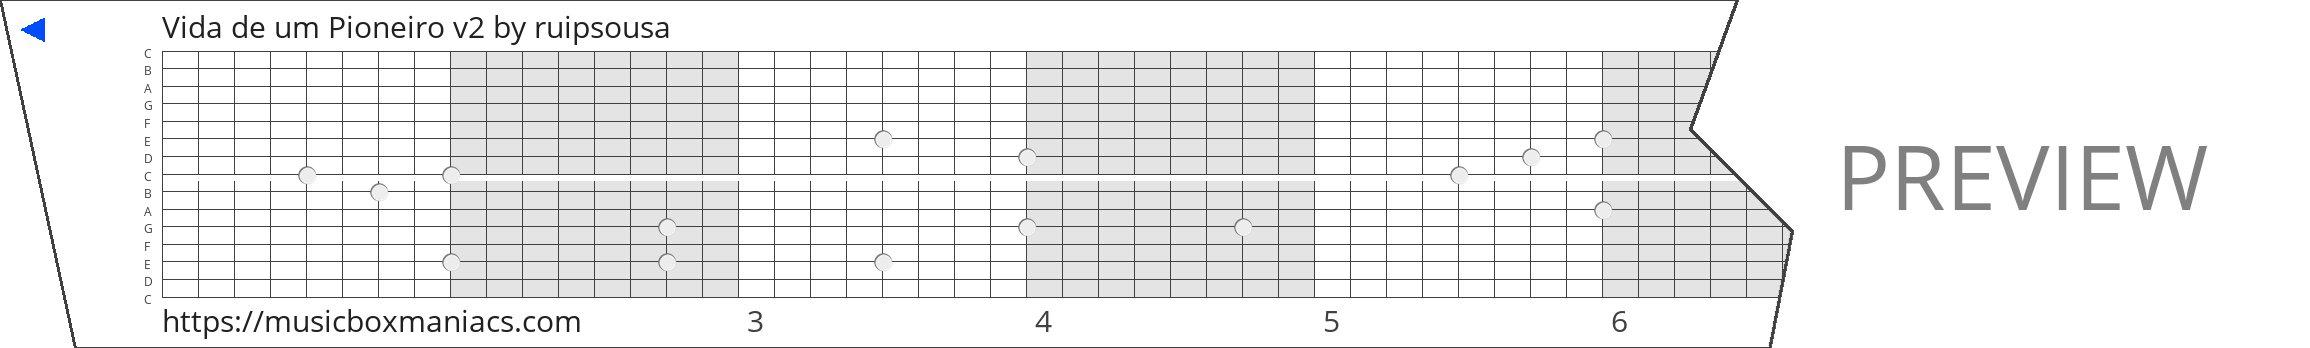 Vida de um Pioneiro v2 15 note music box paper strip